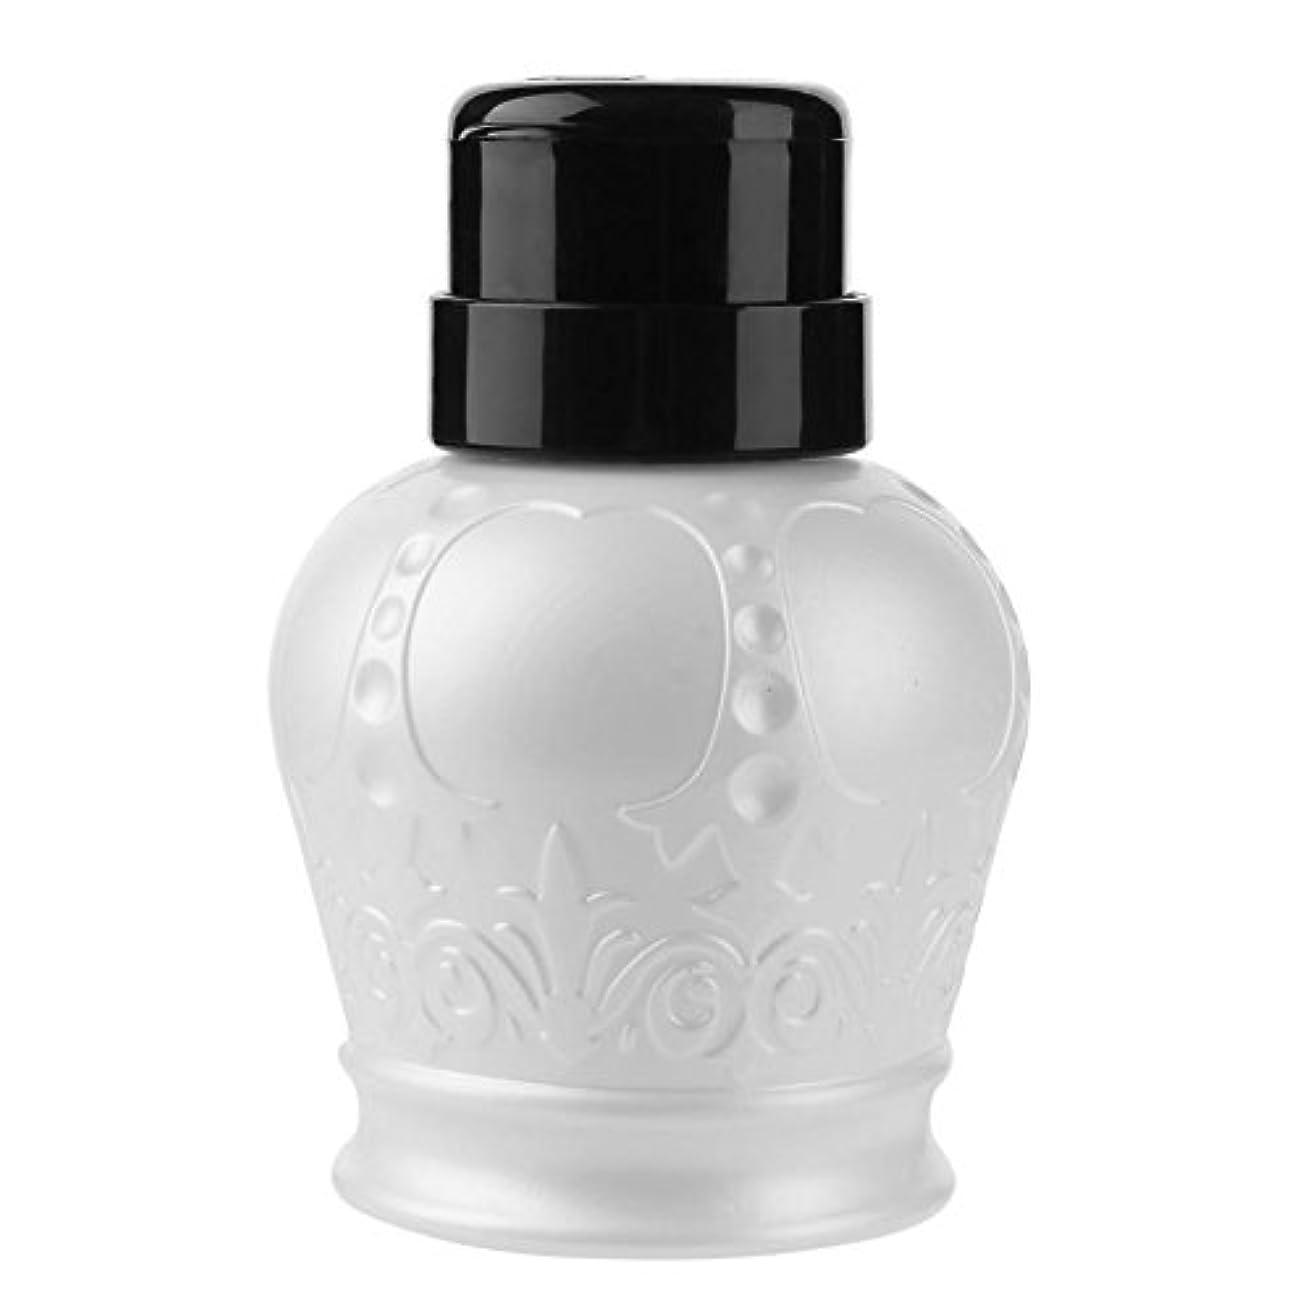 スタンド欠陥士気Demiawaking 詰め替え容器  乳液  化粧水  コンディショナー クリーム シャンプー 調味料入れ ホテル 旅行用品  出張用 多機能